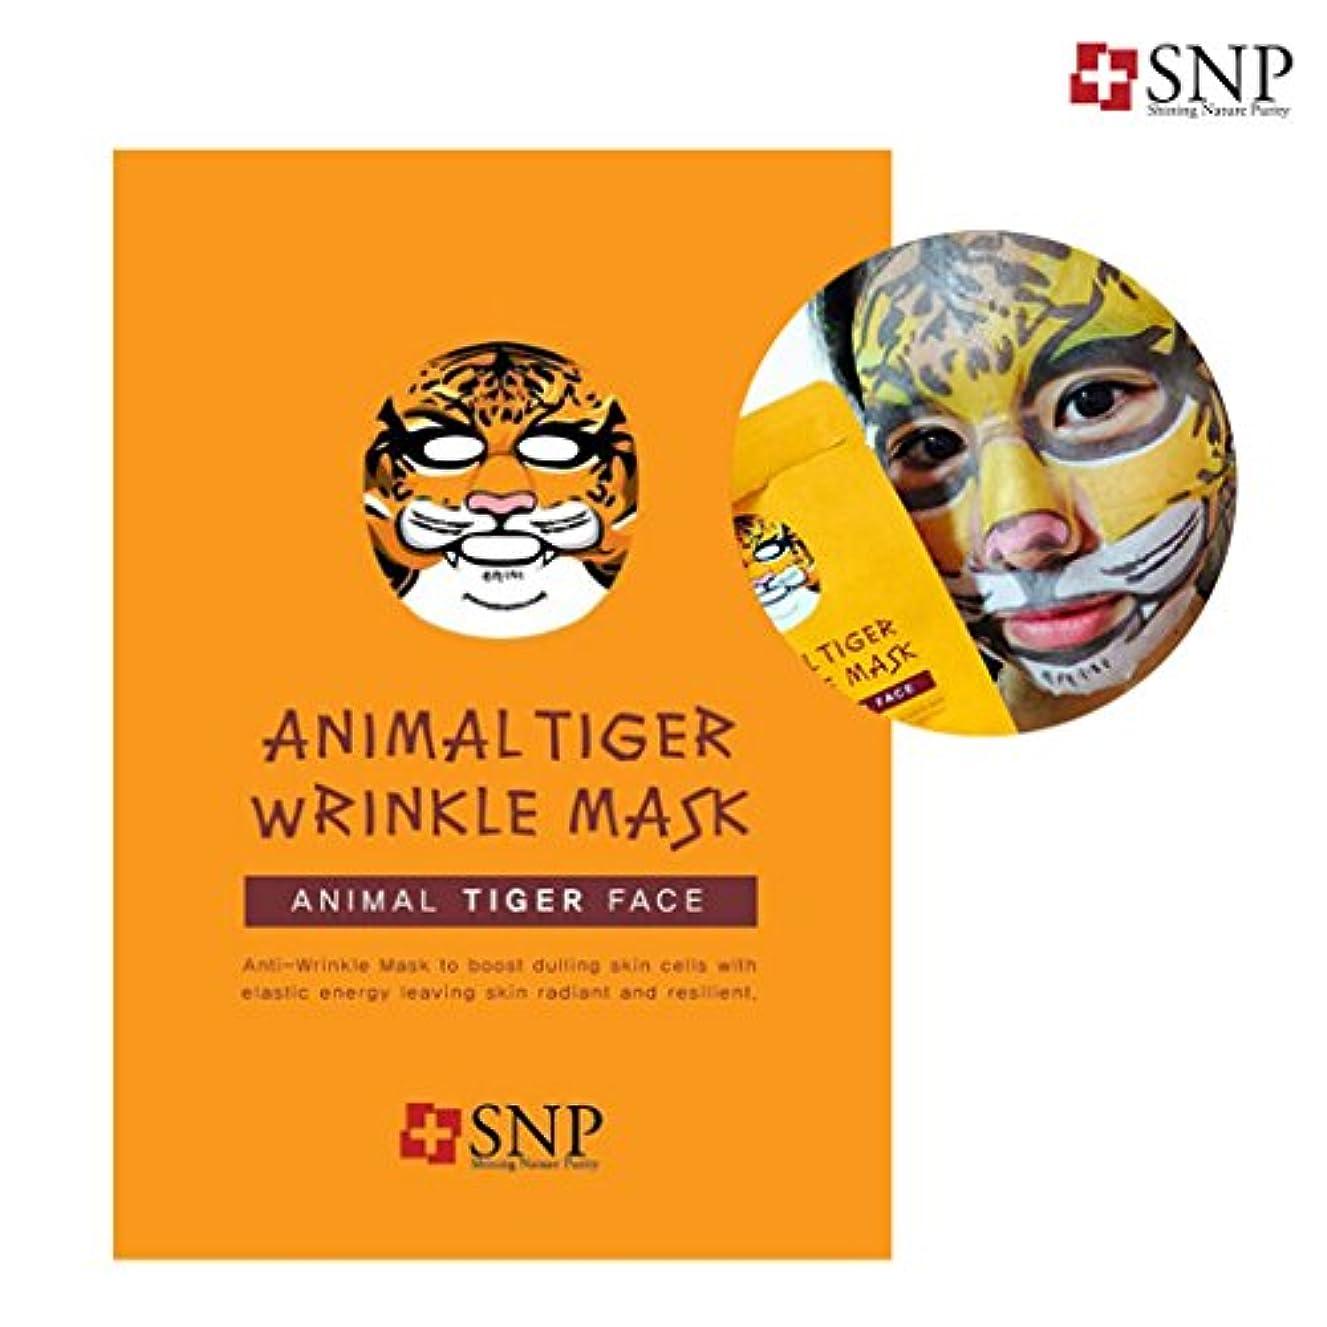 乱暴なキーギャラントリーSNP アニマル タイガーリンクルマスク10枚 / animal tiger wrinkle mask 10ea[海外直送品]